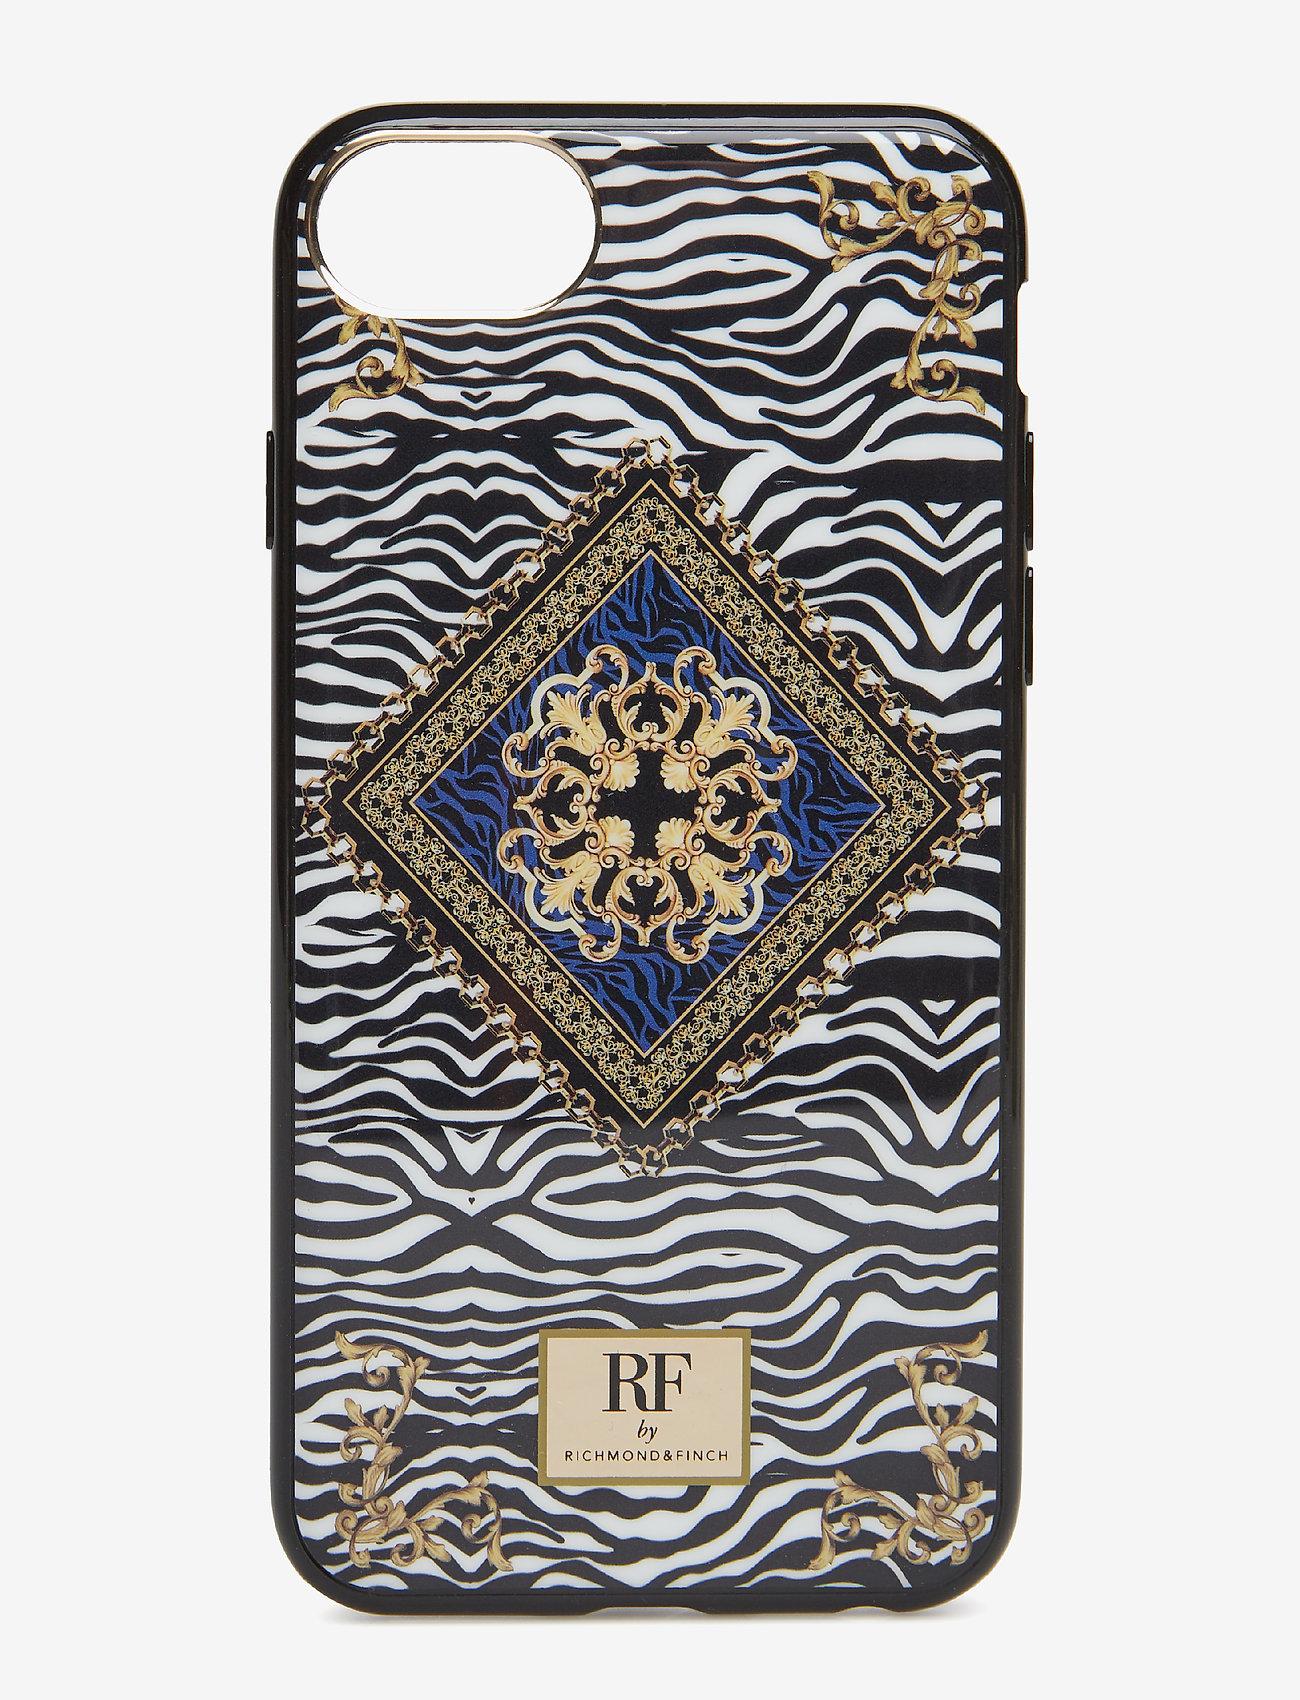 Richmond & Finch - Zebra Chain - mobile accessories - multi colored